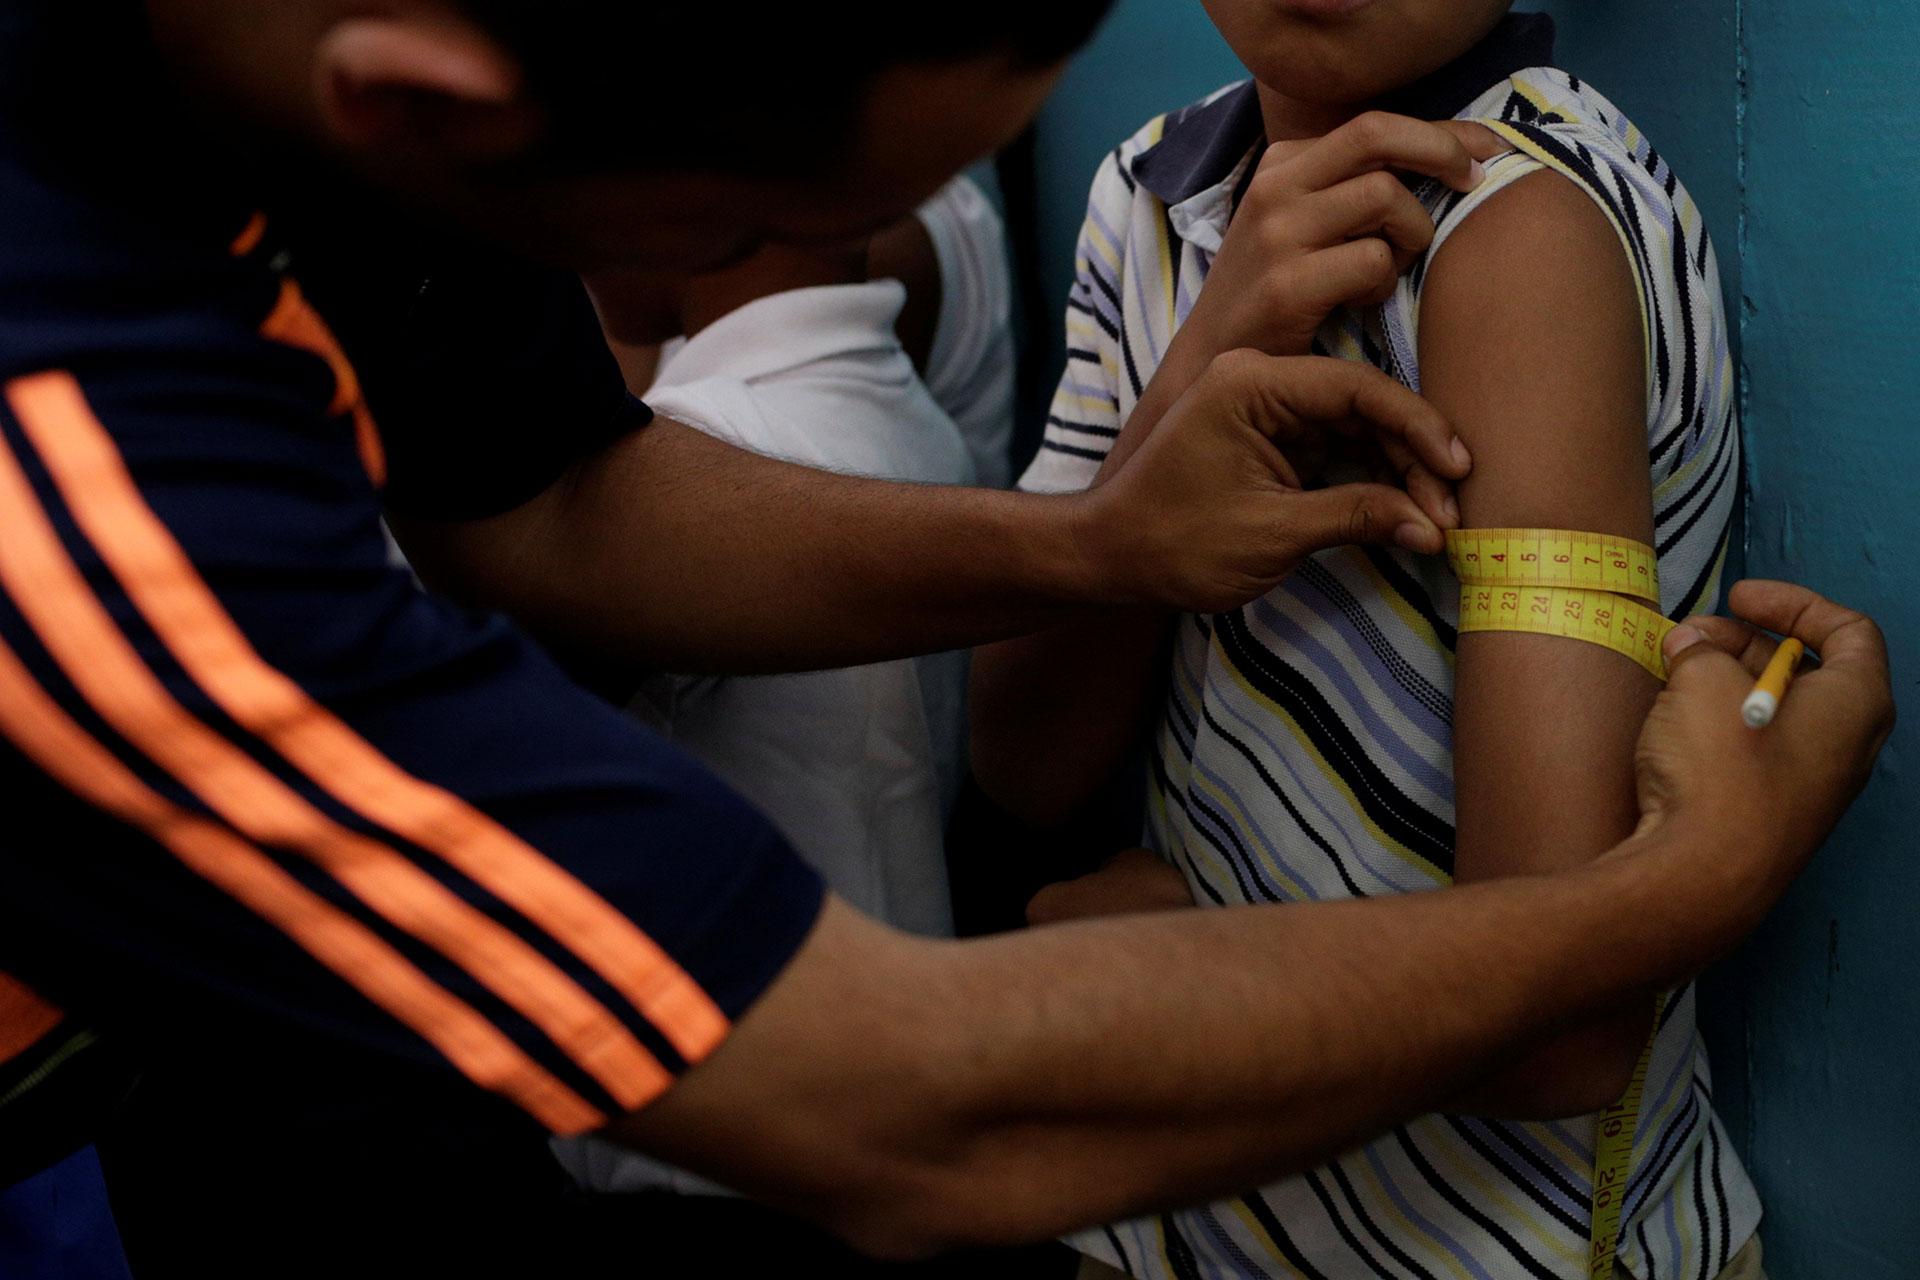 Muchos murieron víctimas de patologías que, de acuerdo a la Sociedad de Pediatría local, pudieron ser prevenidas o fácilmente tratadas, como diarreas o infecciones bacterianas (Reuters)